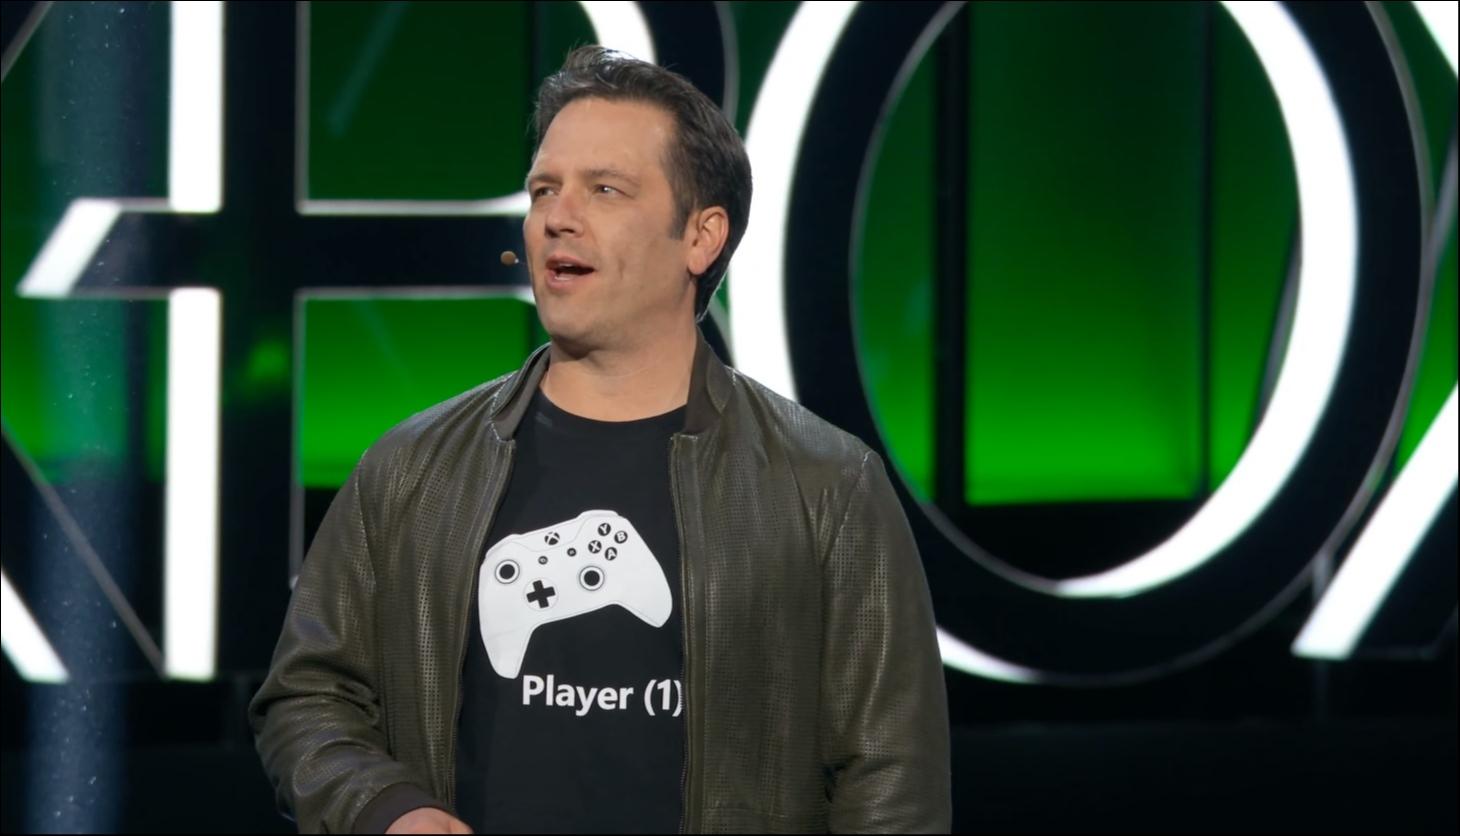 E3 2017: Microsoft press conference